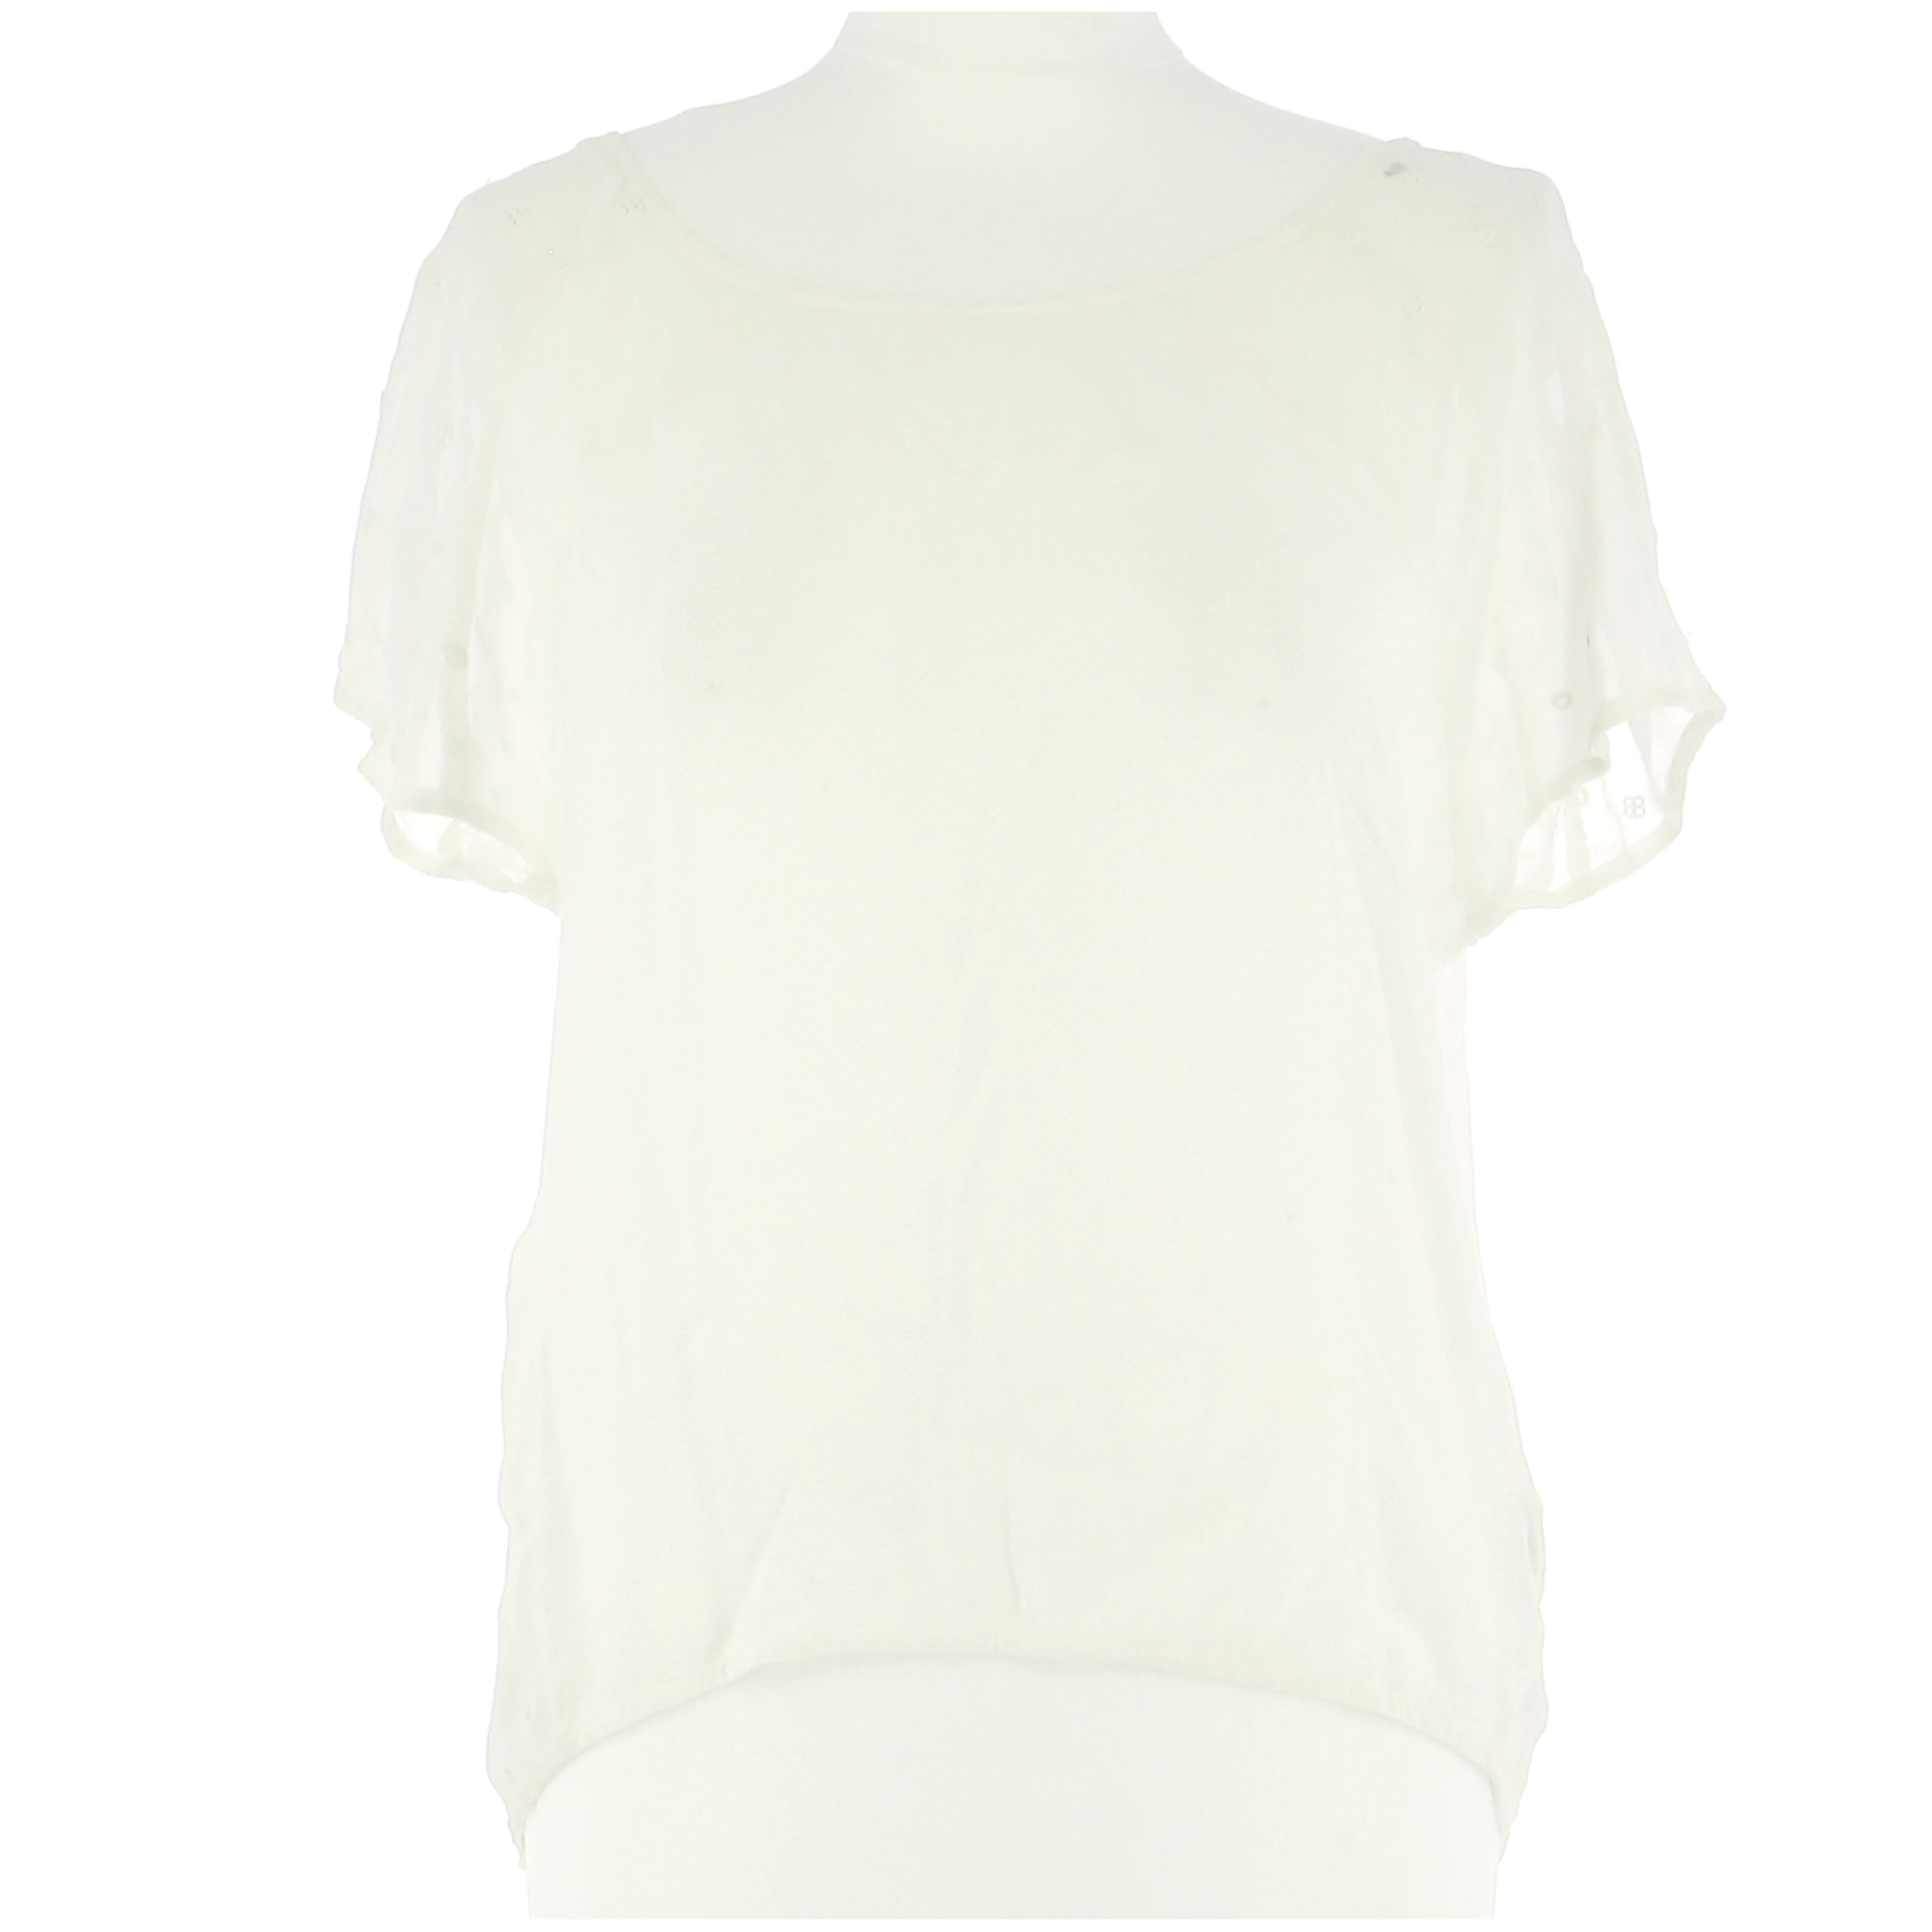 Top, tee-shirt I. CODE Blanc, blanc cassé, écru